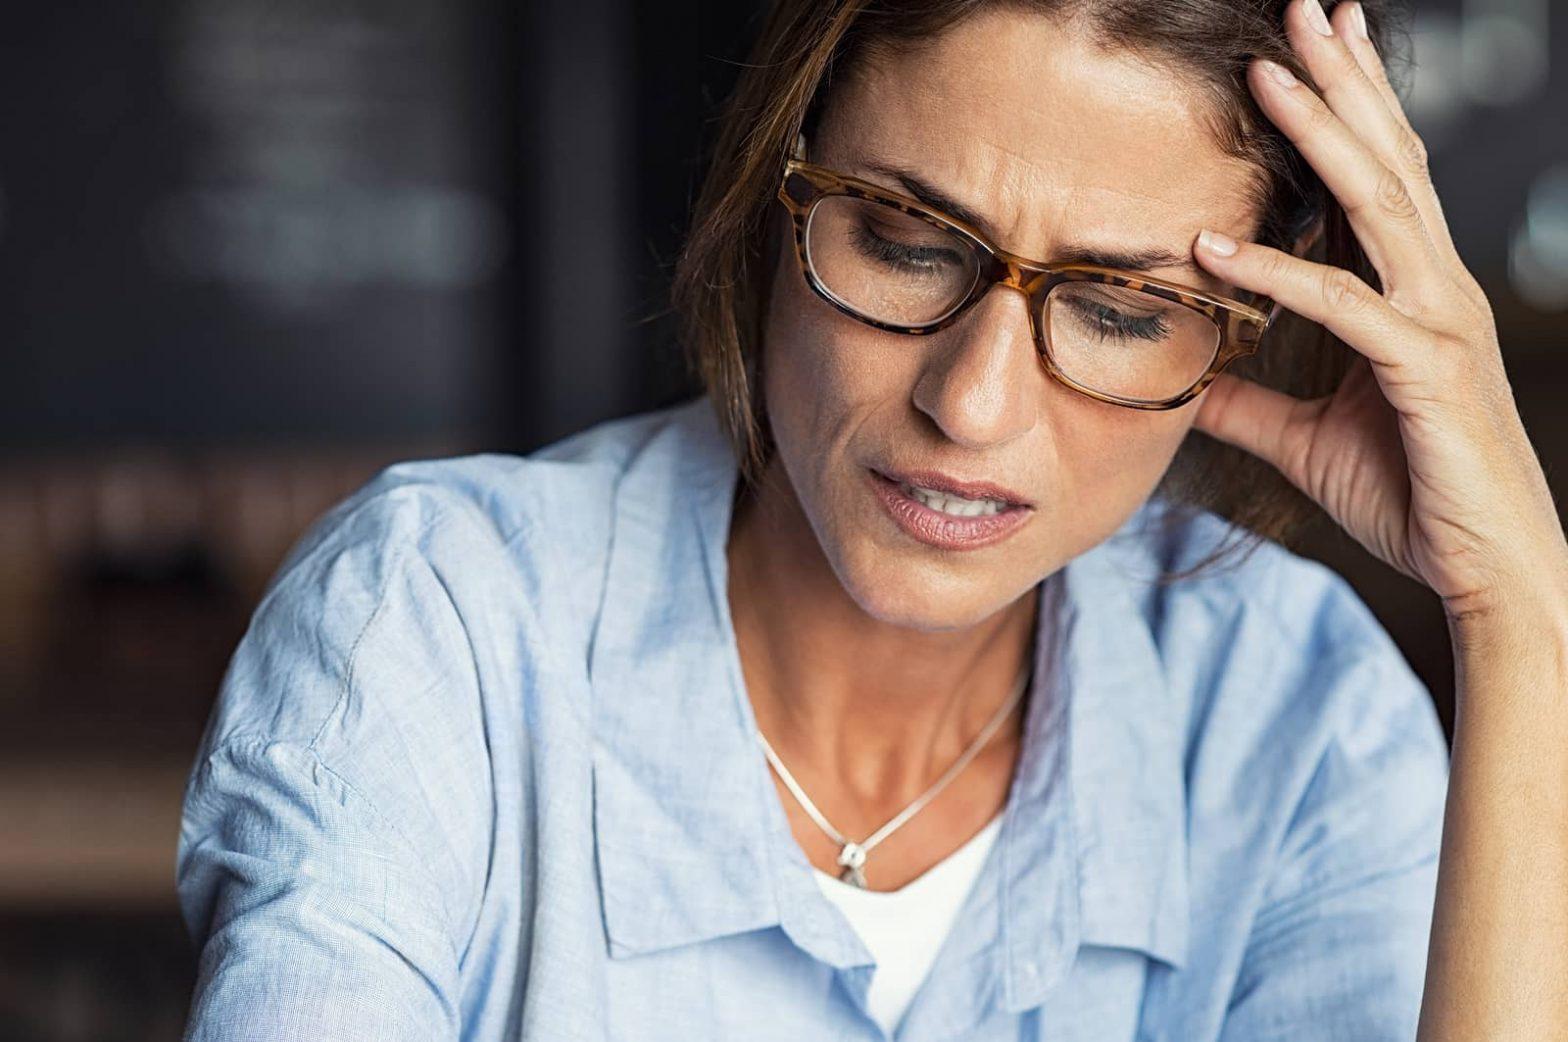 באיזה גיל מקבלים התקף חרדה